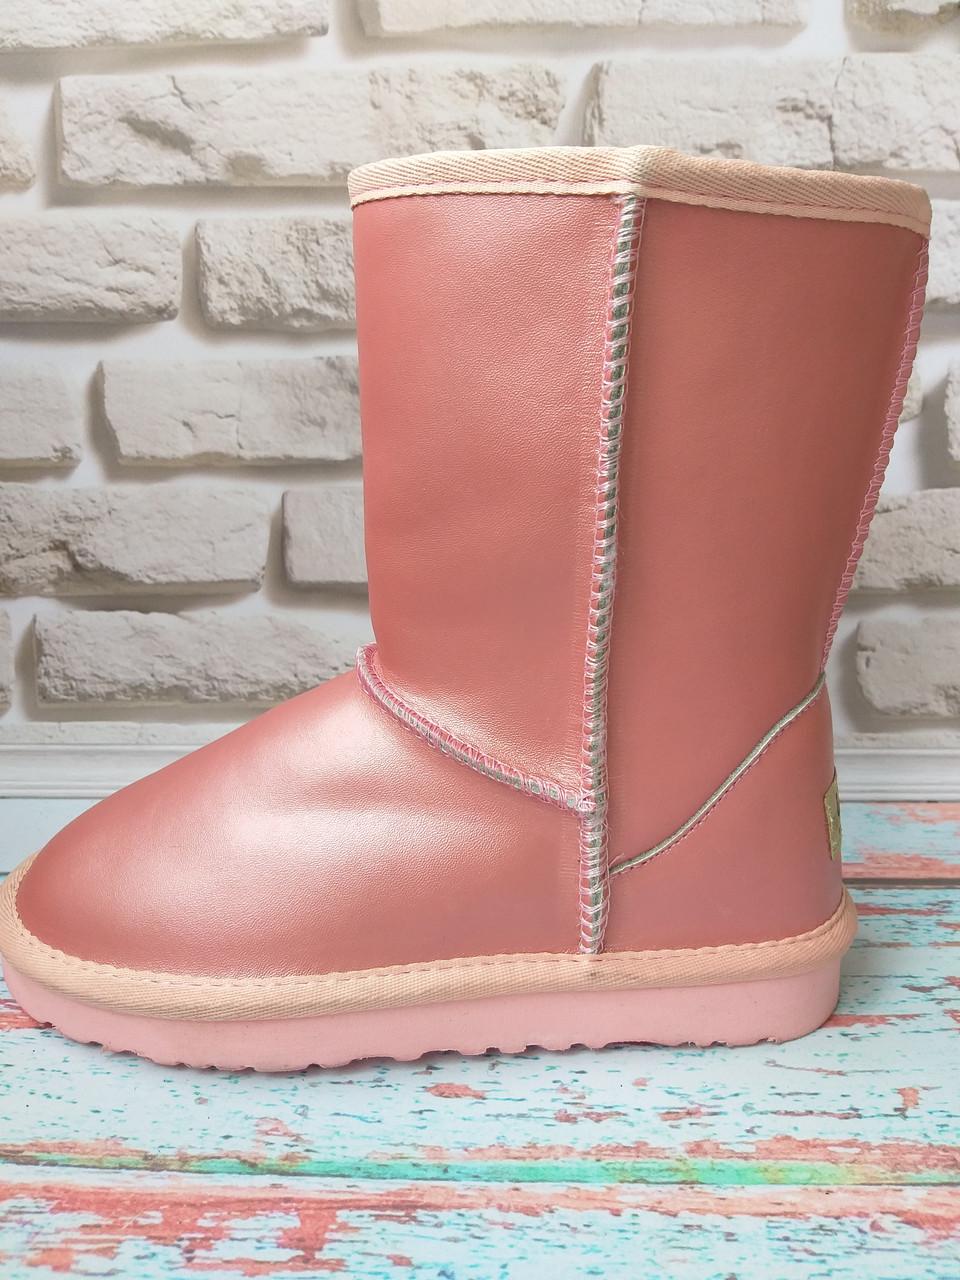 Классические кожаные розовые угги Ugg реплика